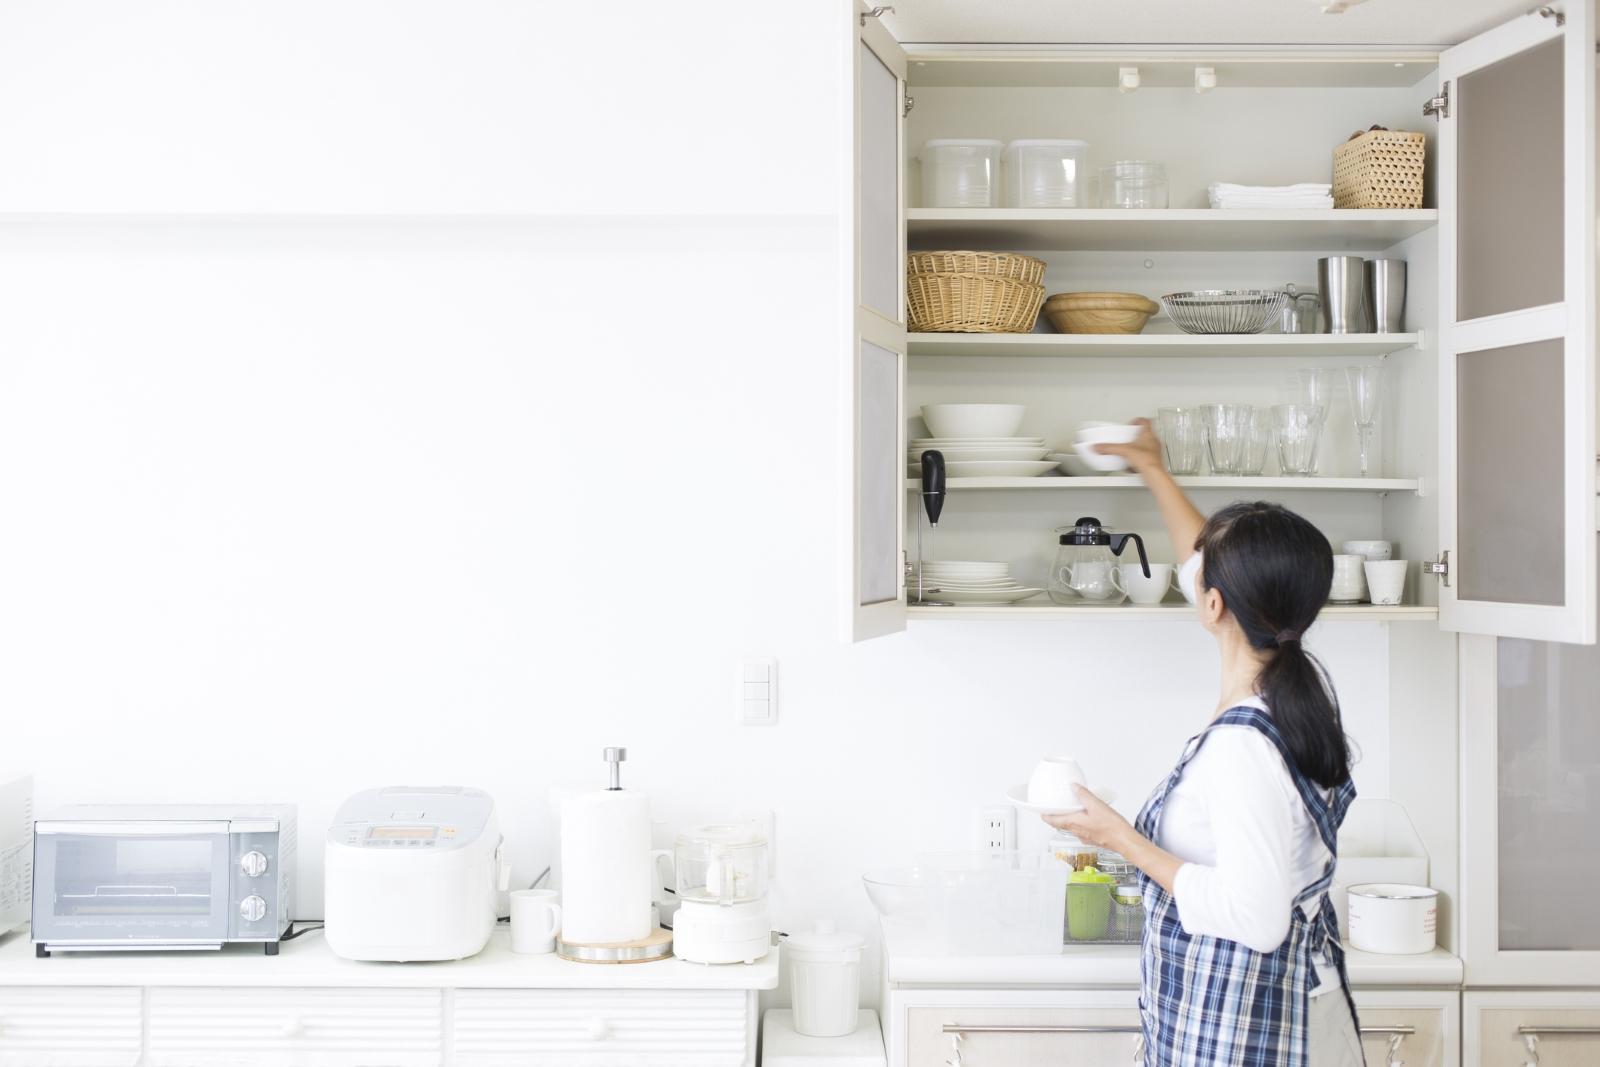 Почистете кухнята! Нищо не действа толкова терапевтично като едноосновно почистване. Прегледайте всичката храна и вижте какво ще ядете и какво - не.